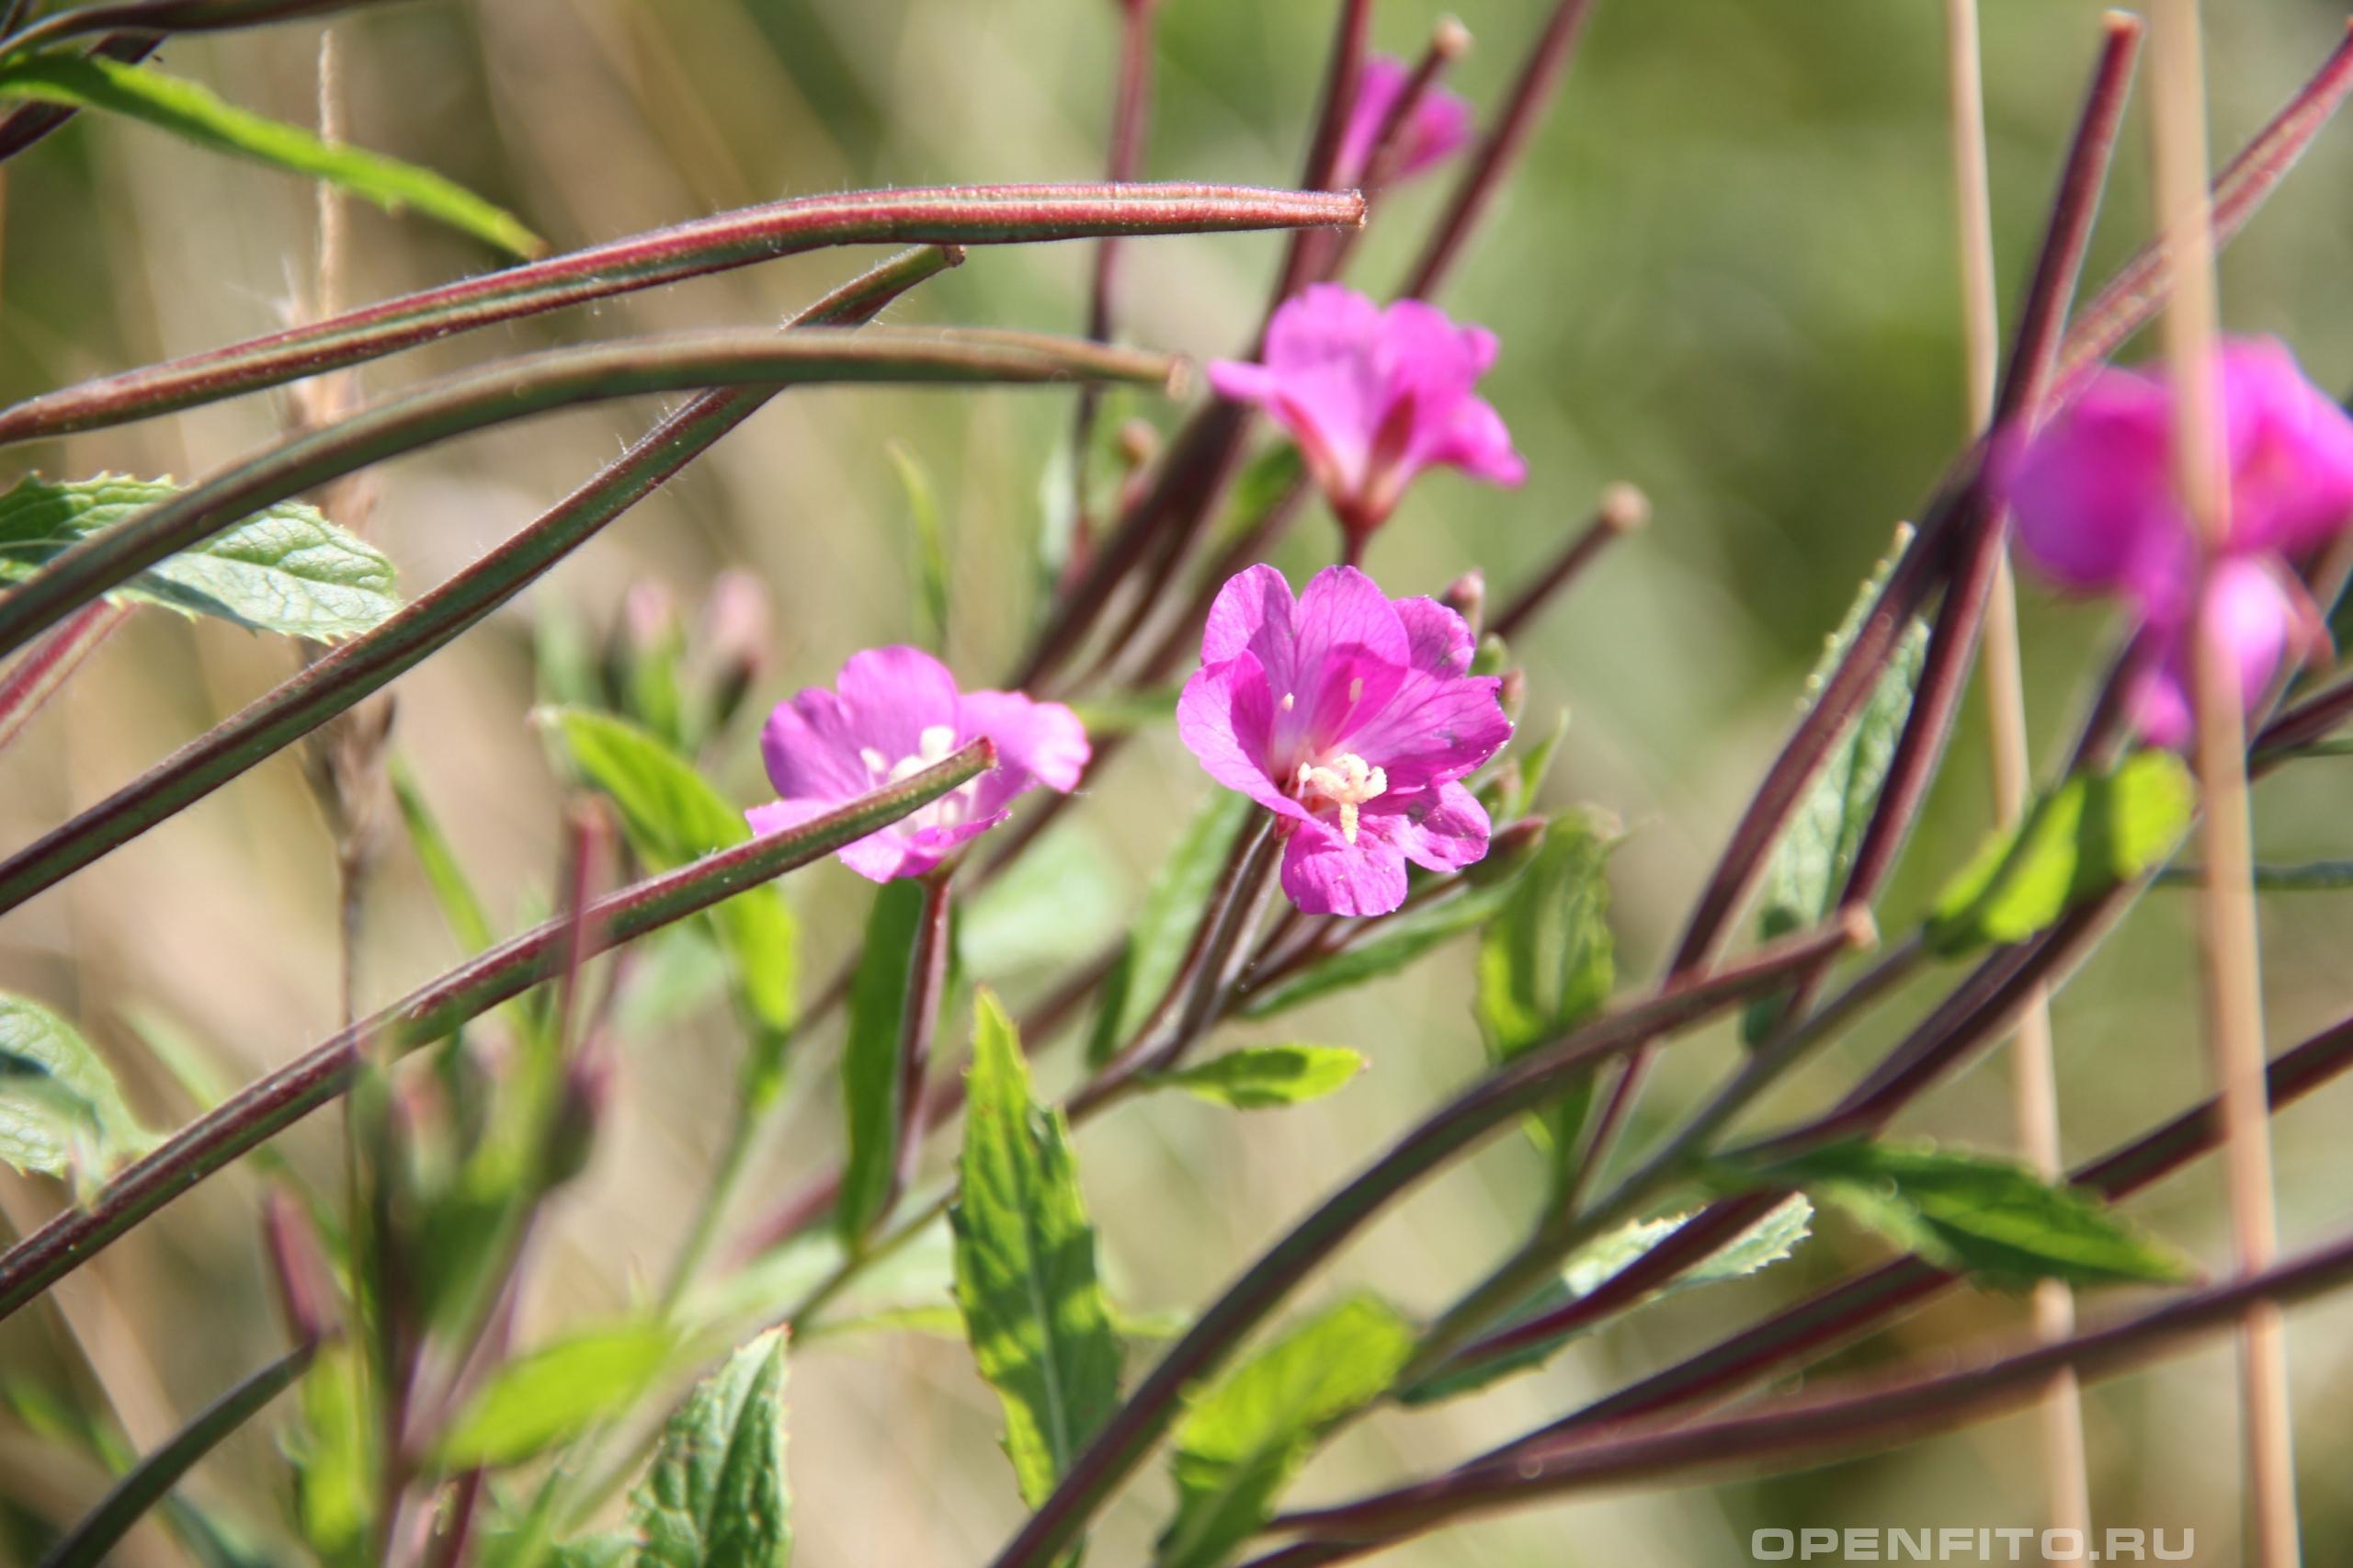 Кипрей волосистый цветки и завязи семян